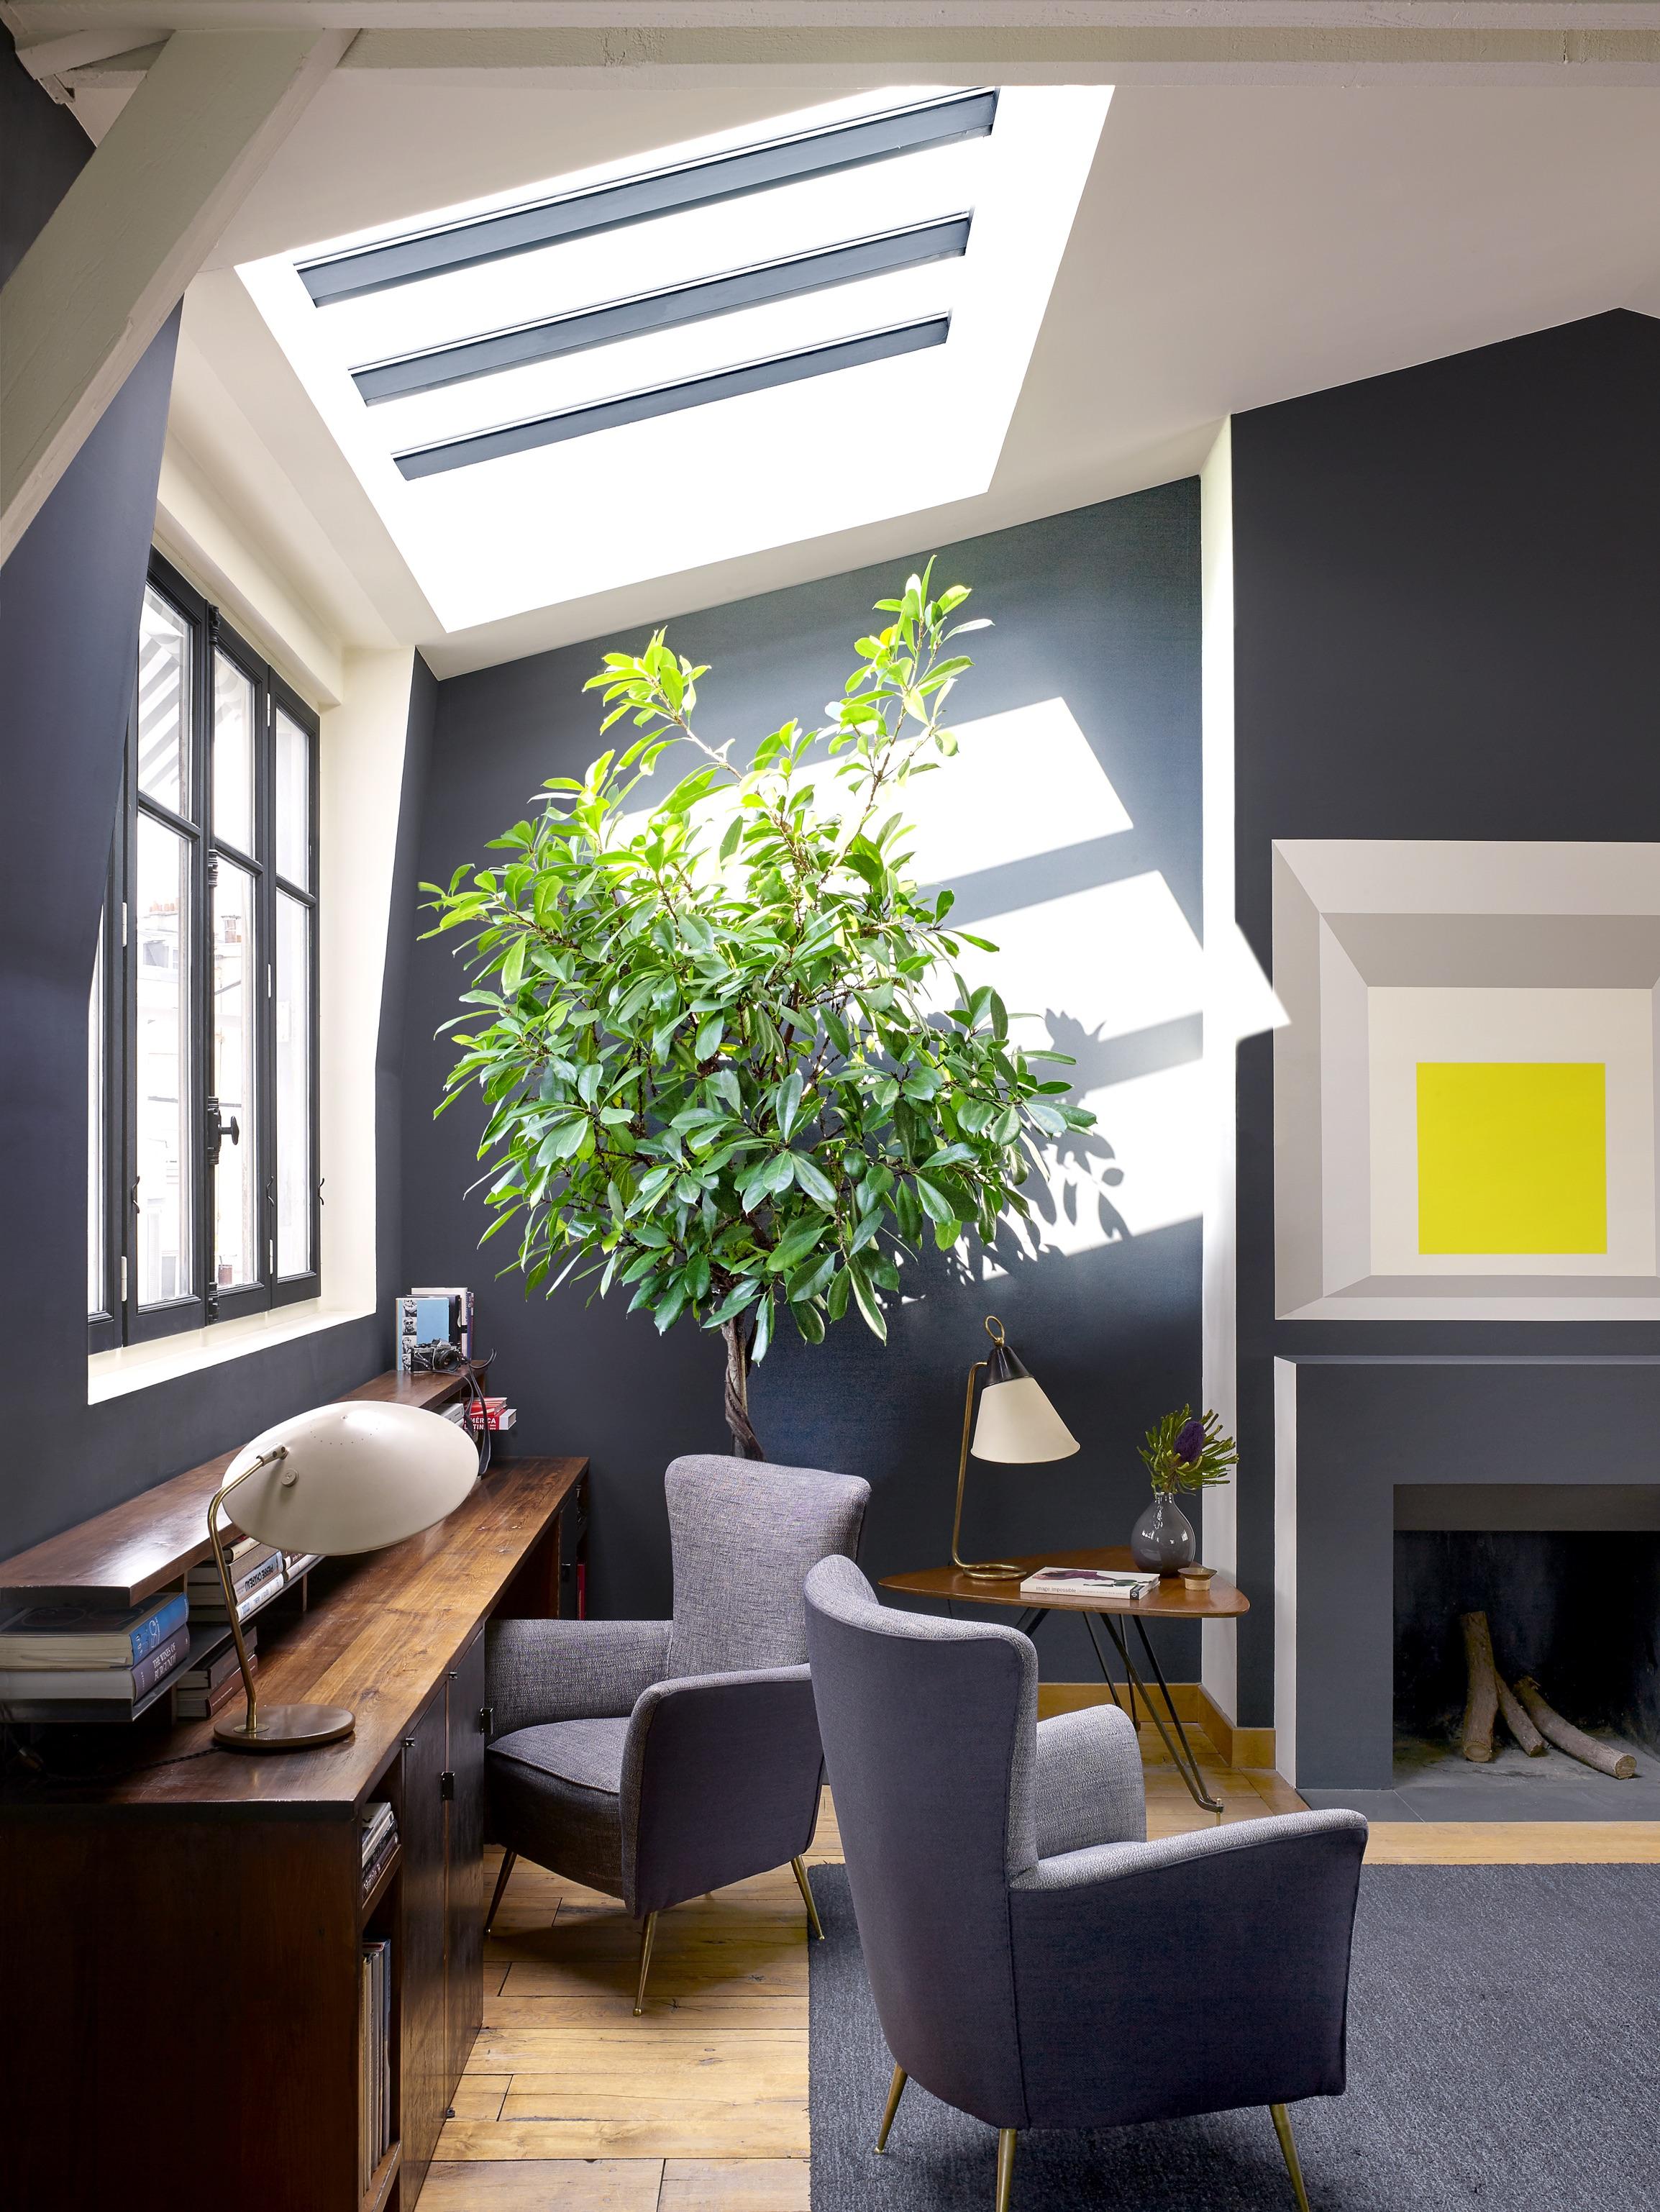 House Tour An Eclectic Mix of Vintage Furniture in a Paris Loft 3